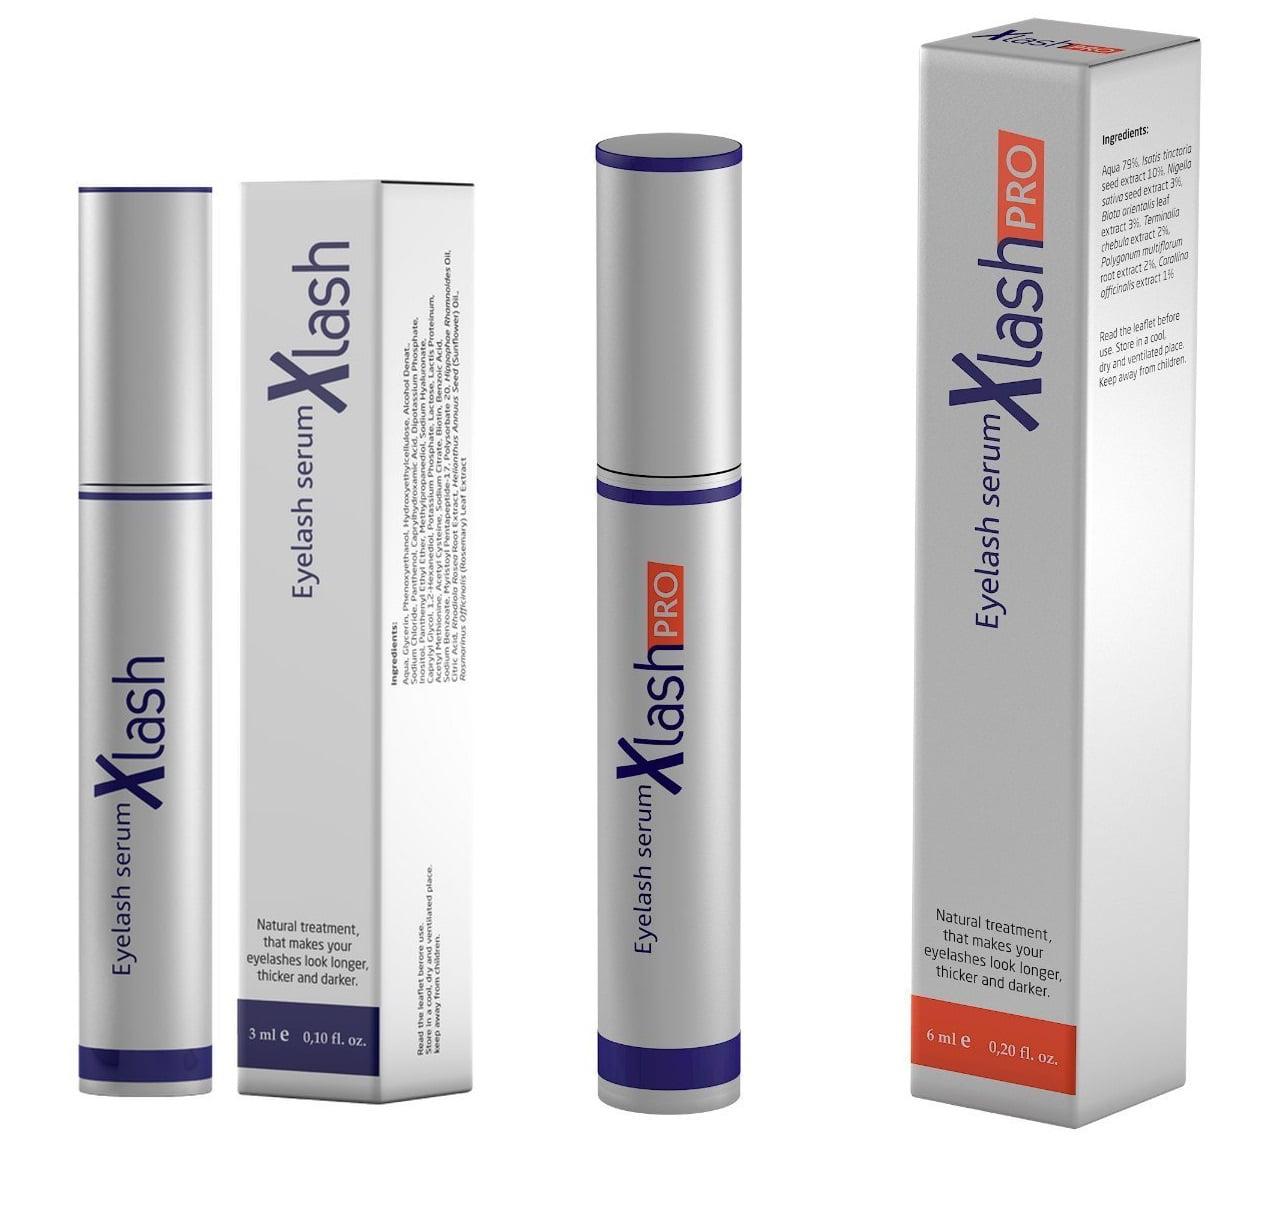 Xlash Eyelash Serum 3 ml + Xlash Pro Eyelash Serum 6ml - Walmart.com